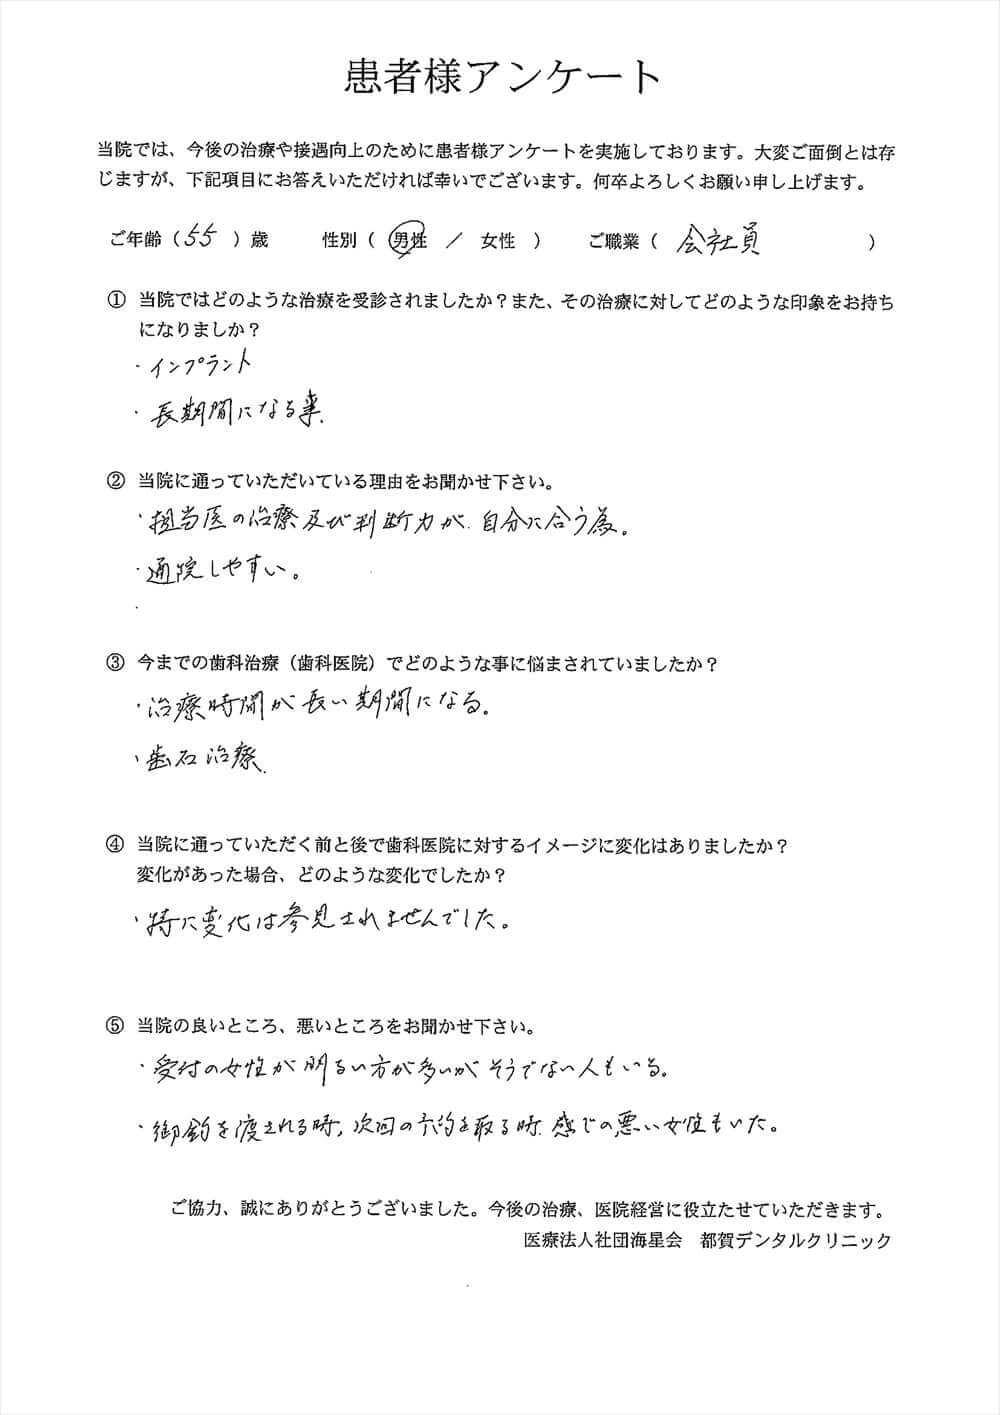 都賀デンタルクリニックの口コミアンケート3